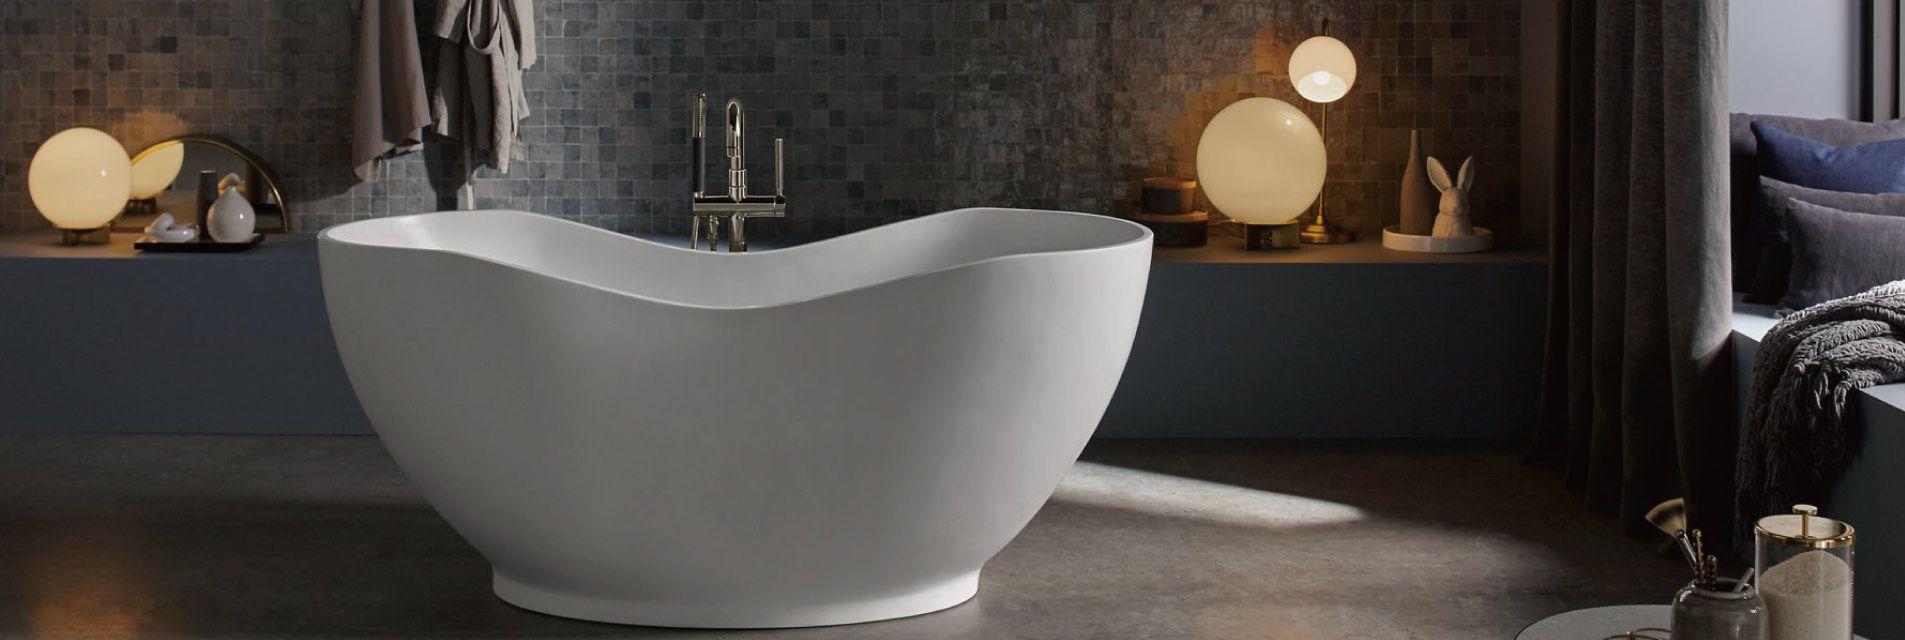 Hãy tìm chiếc bồn tắm hoàn hảo dành cho bạn